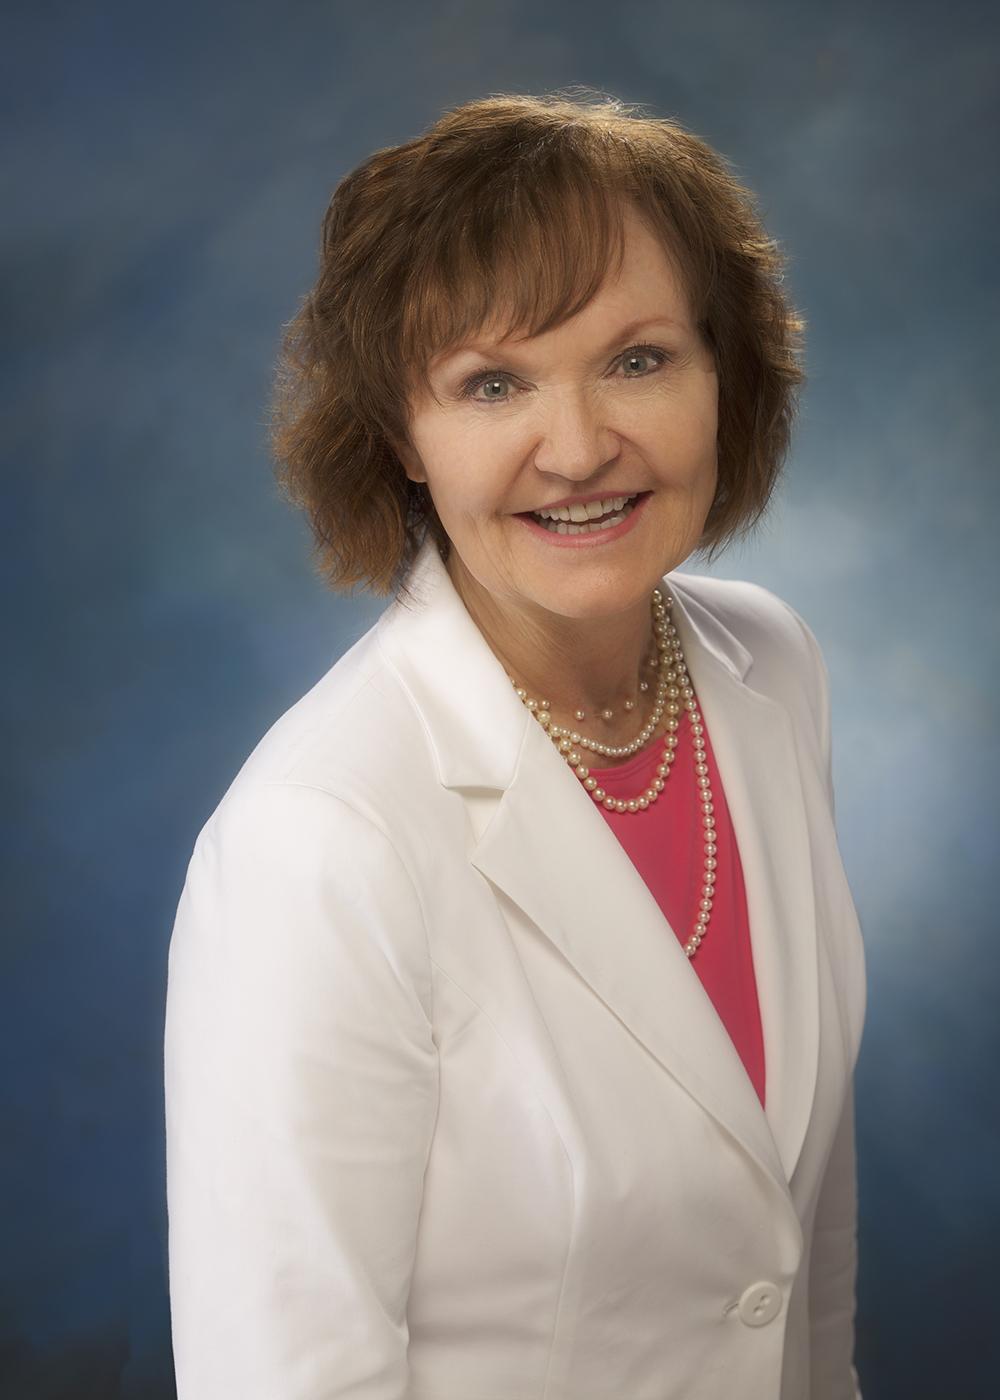 """Bobbi Wells, Presidenta de la Asociación de Mujeres de la Aviación Internacional (IAWA): """"Existe una gran necesidad de líderes visionarios y transformadores, para dar un paso adelante y re-imaginar el futuro de la aviación"""""""